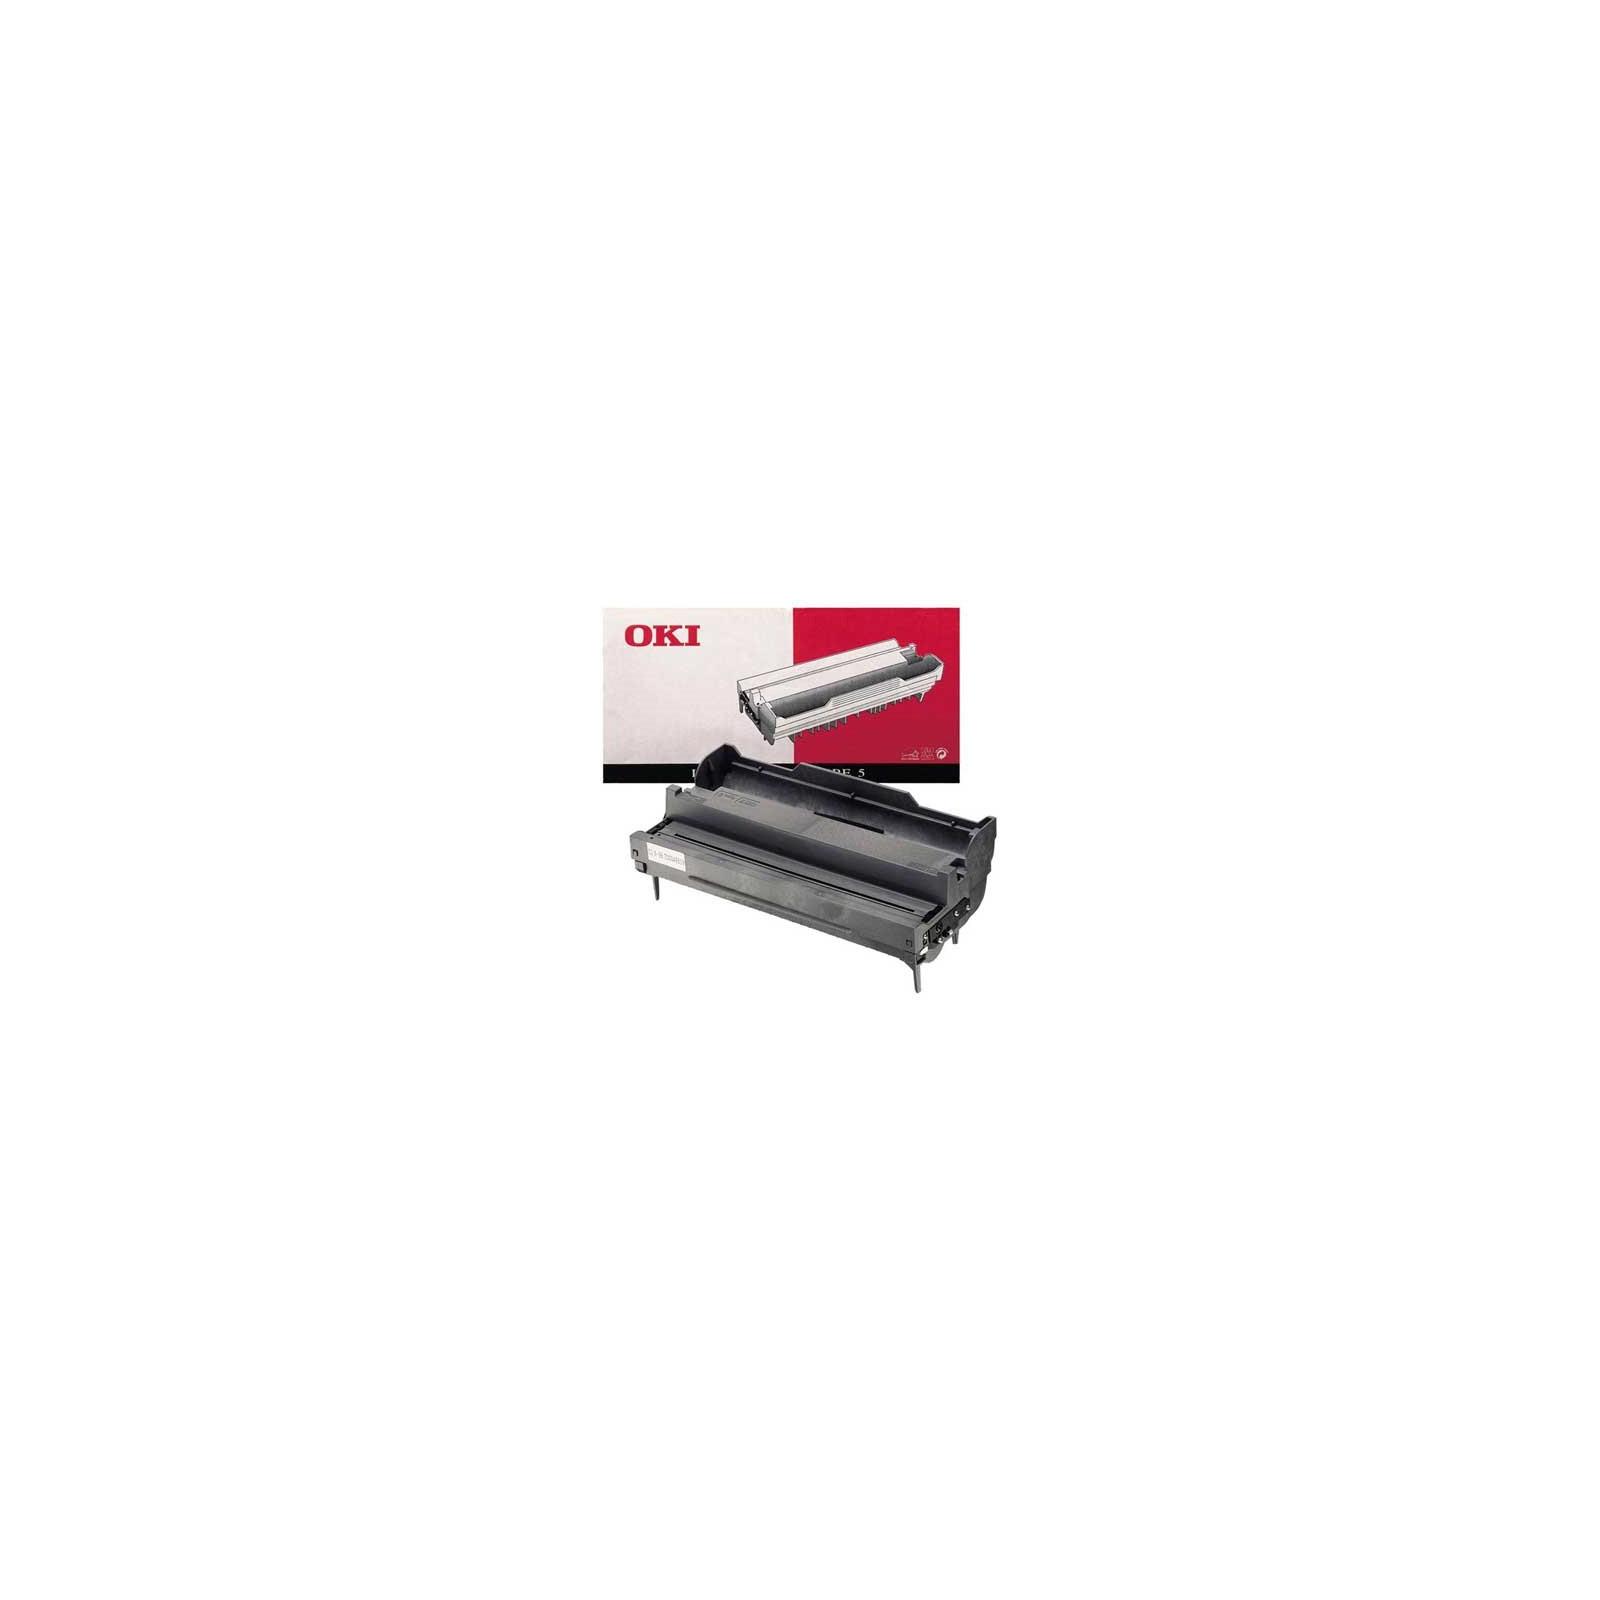 Фотокондуктор OKI OP10i/e/ex/12i (40433303)